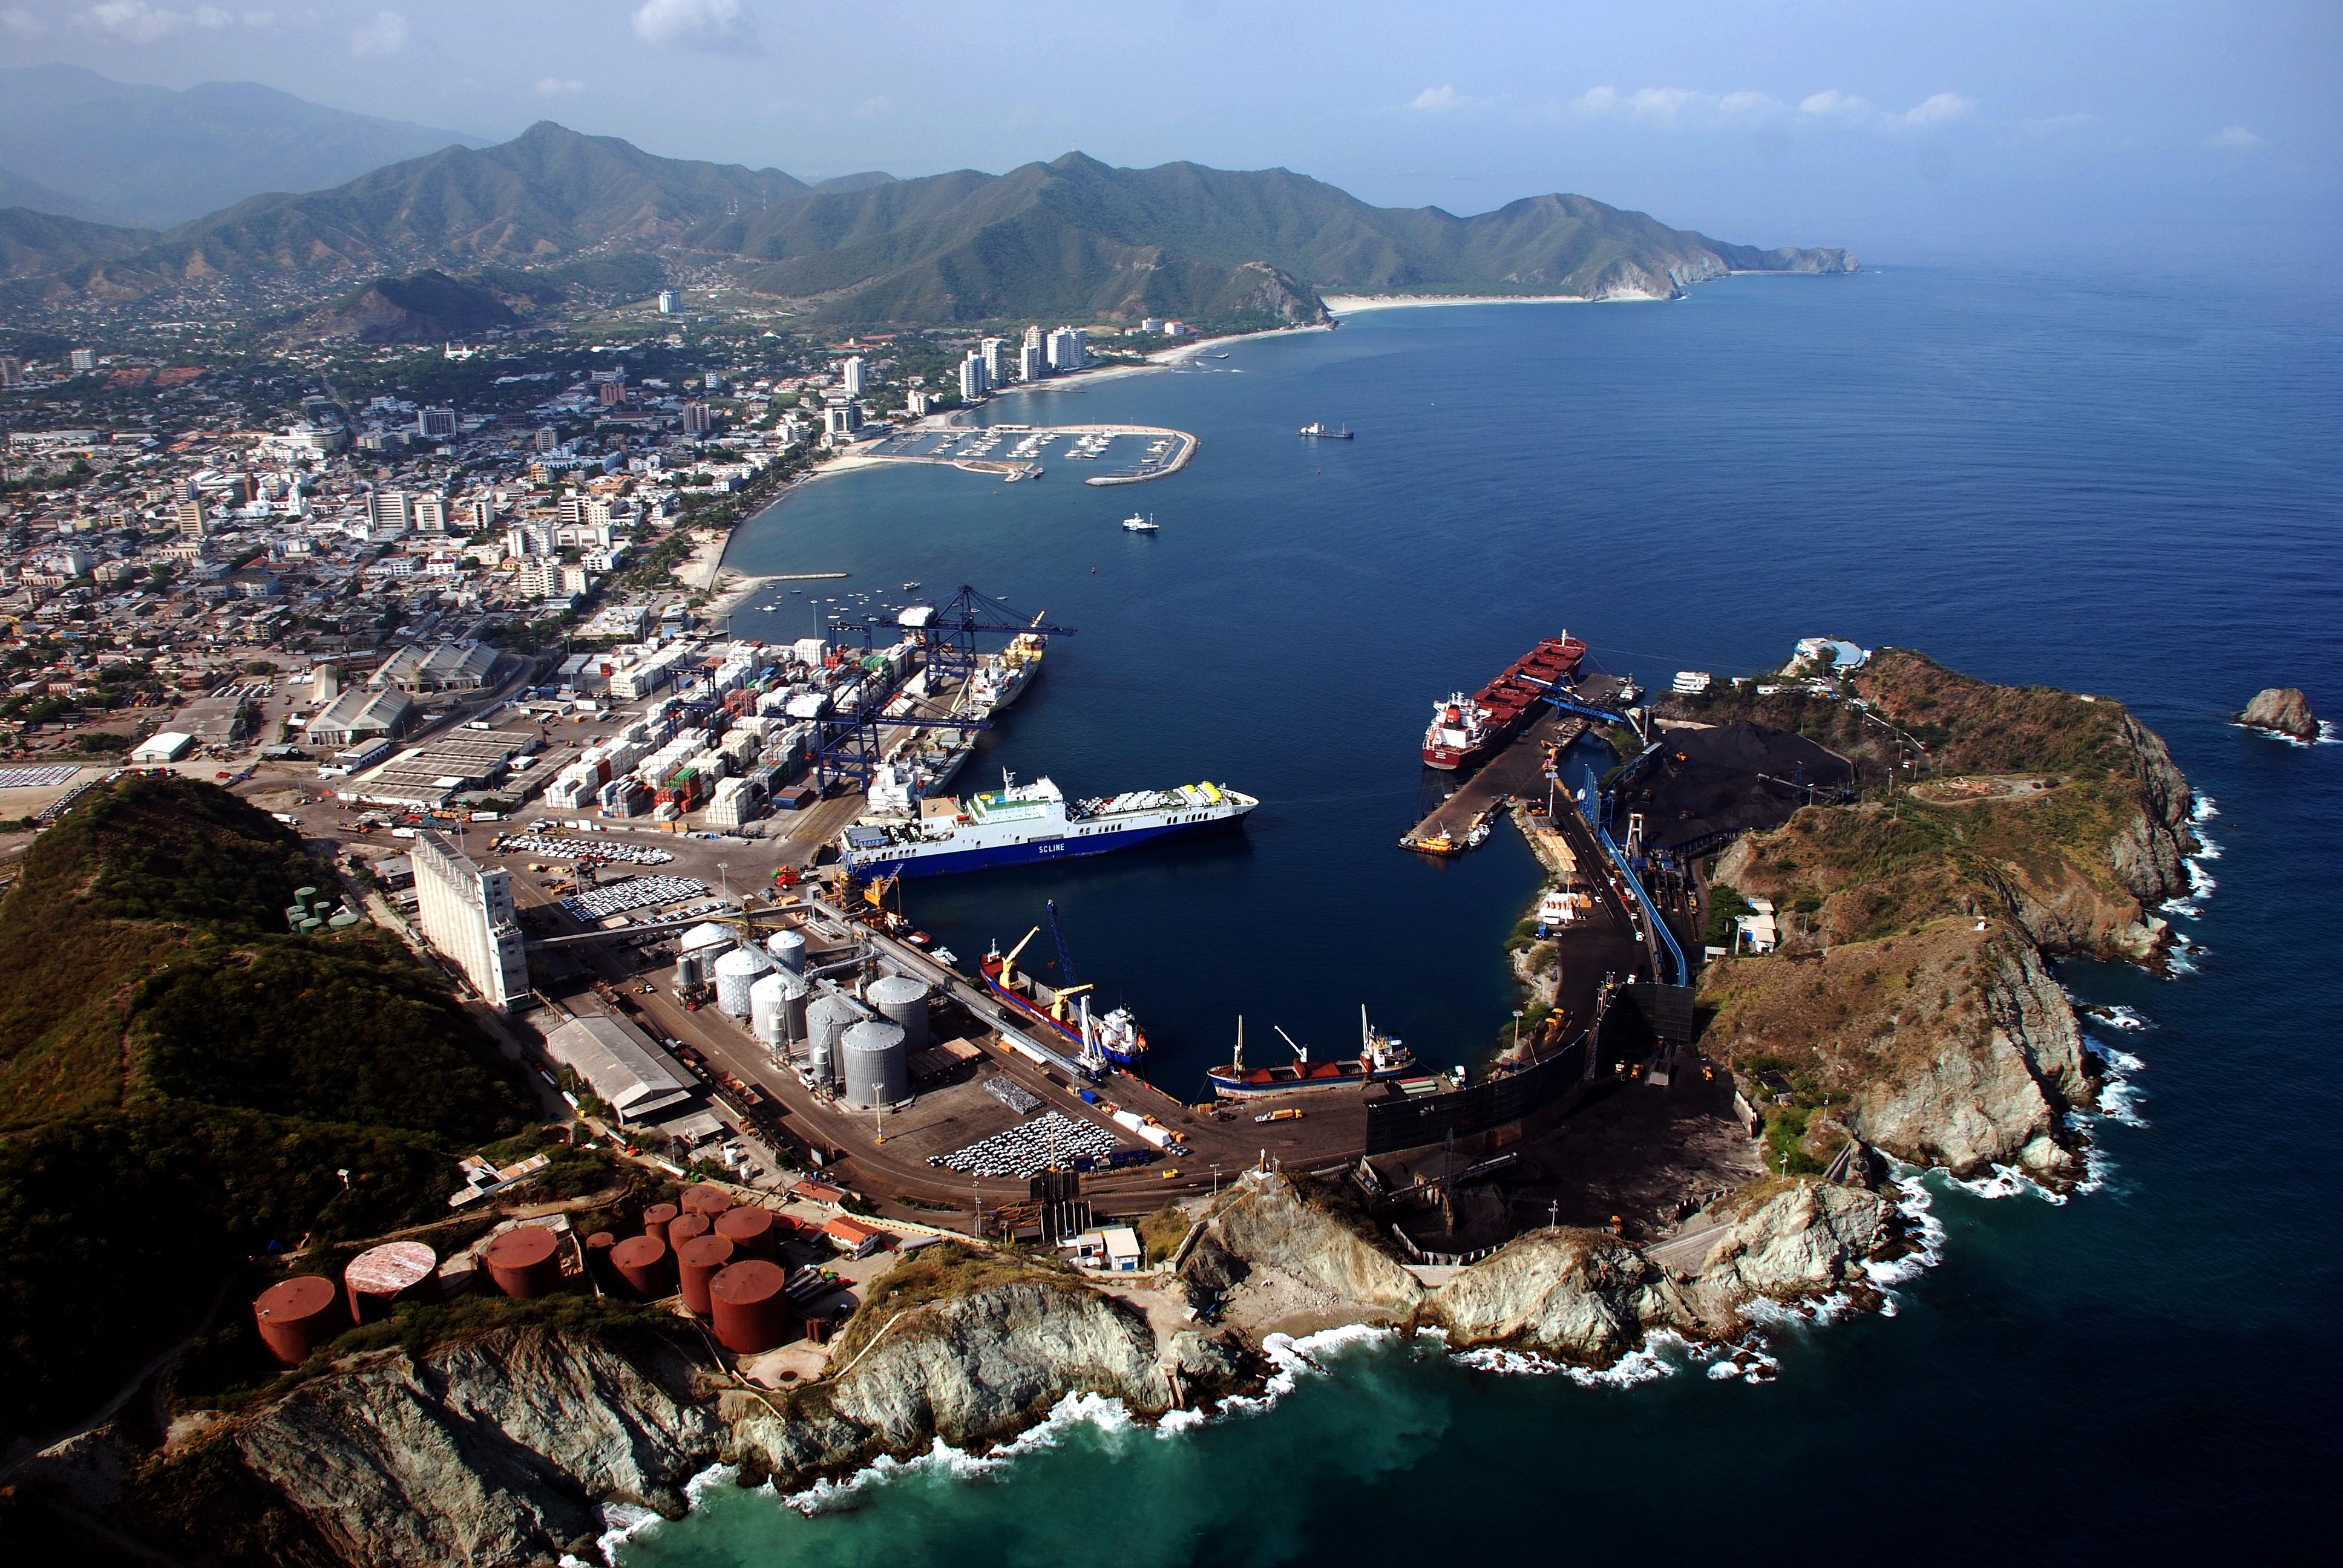 Aerial view of Puerto de Santa Marta